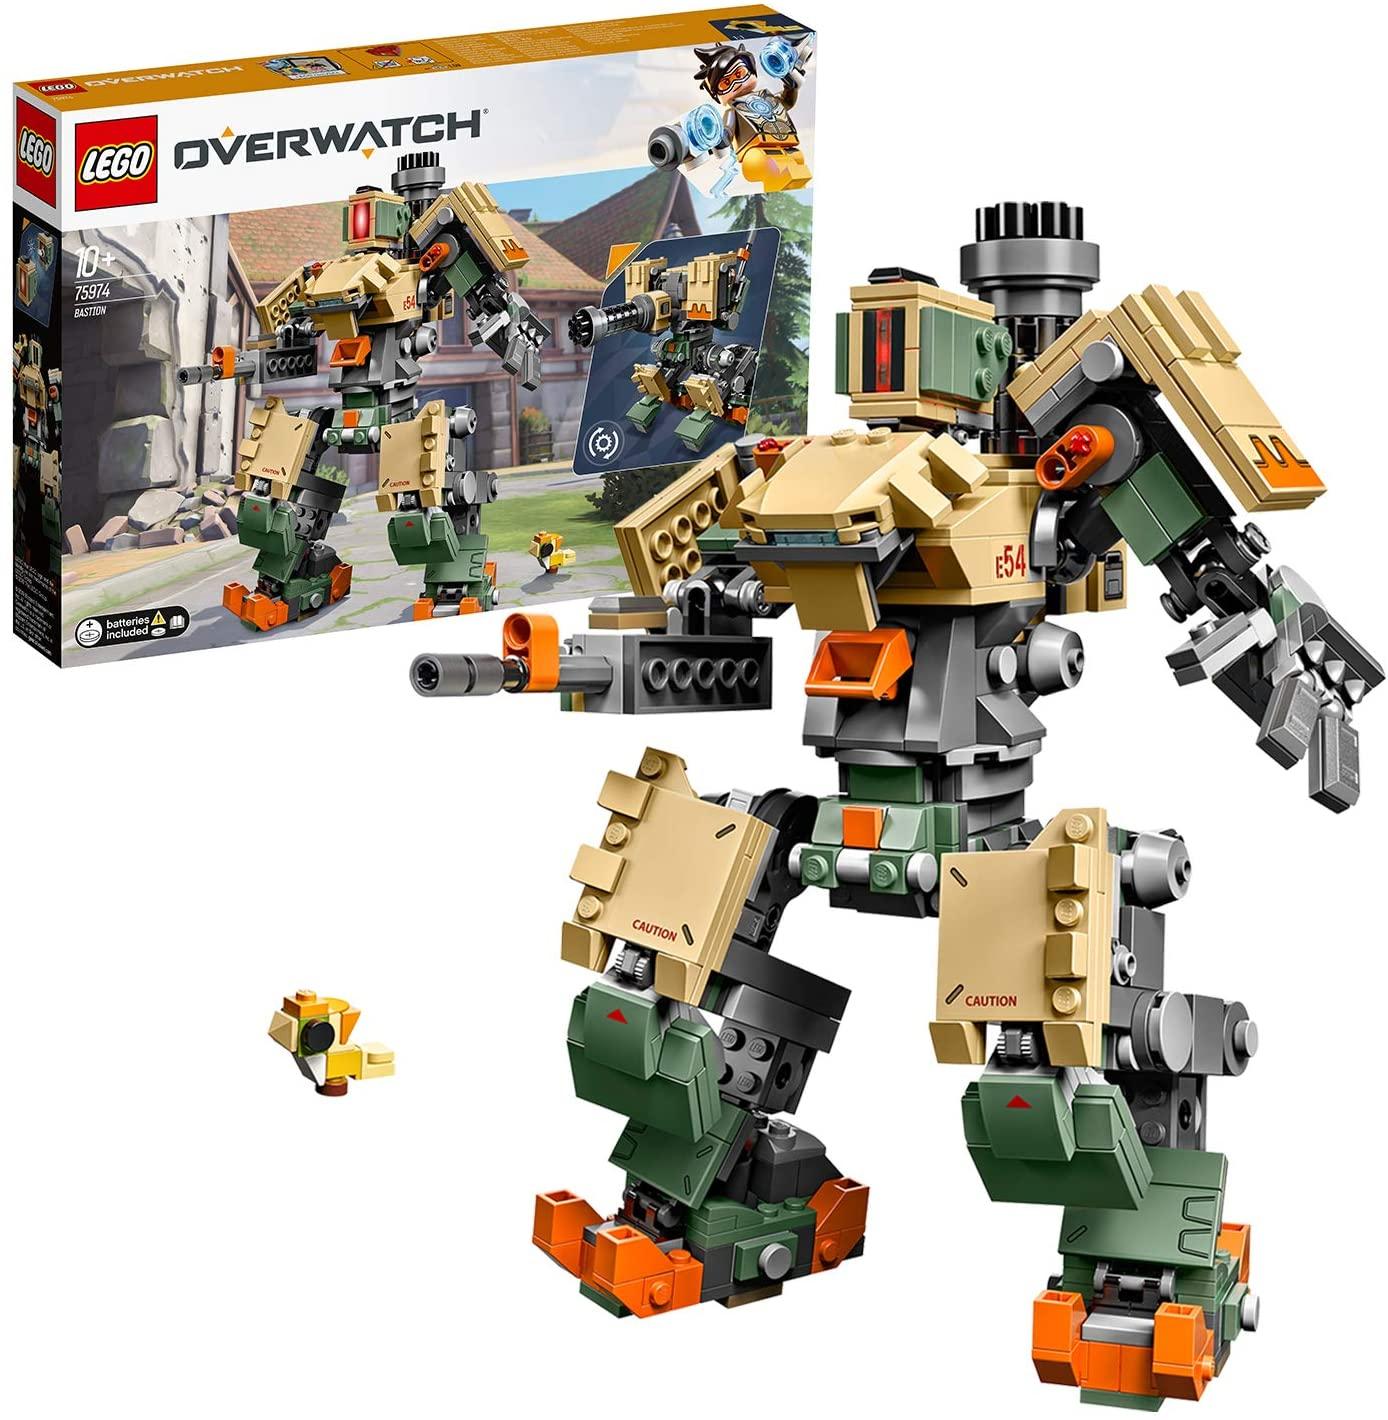 Lego Overwatch Bastion - £41.24 @ Amazon